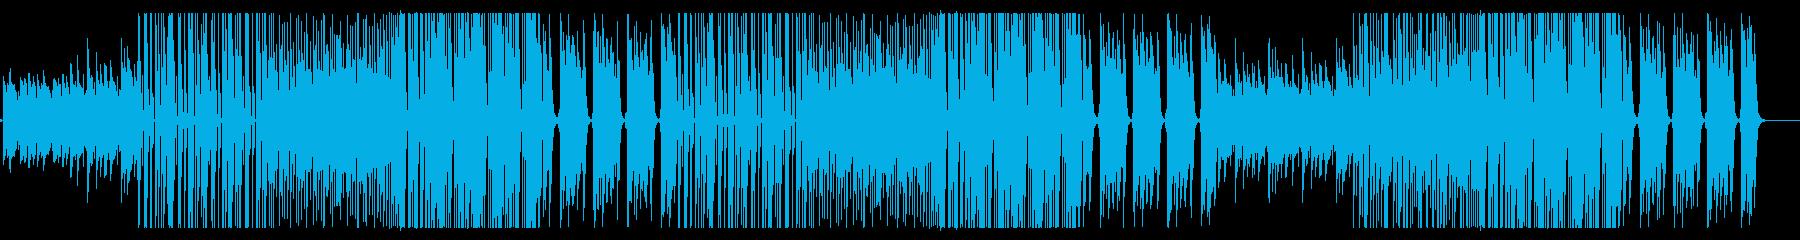 スネアがかっこいいフューチャーベースの再生済みの波形